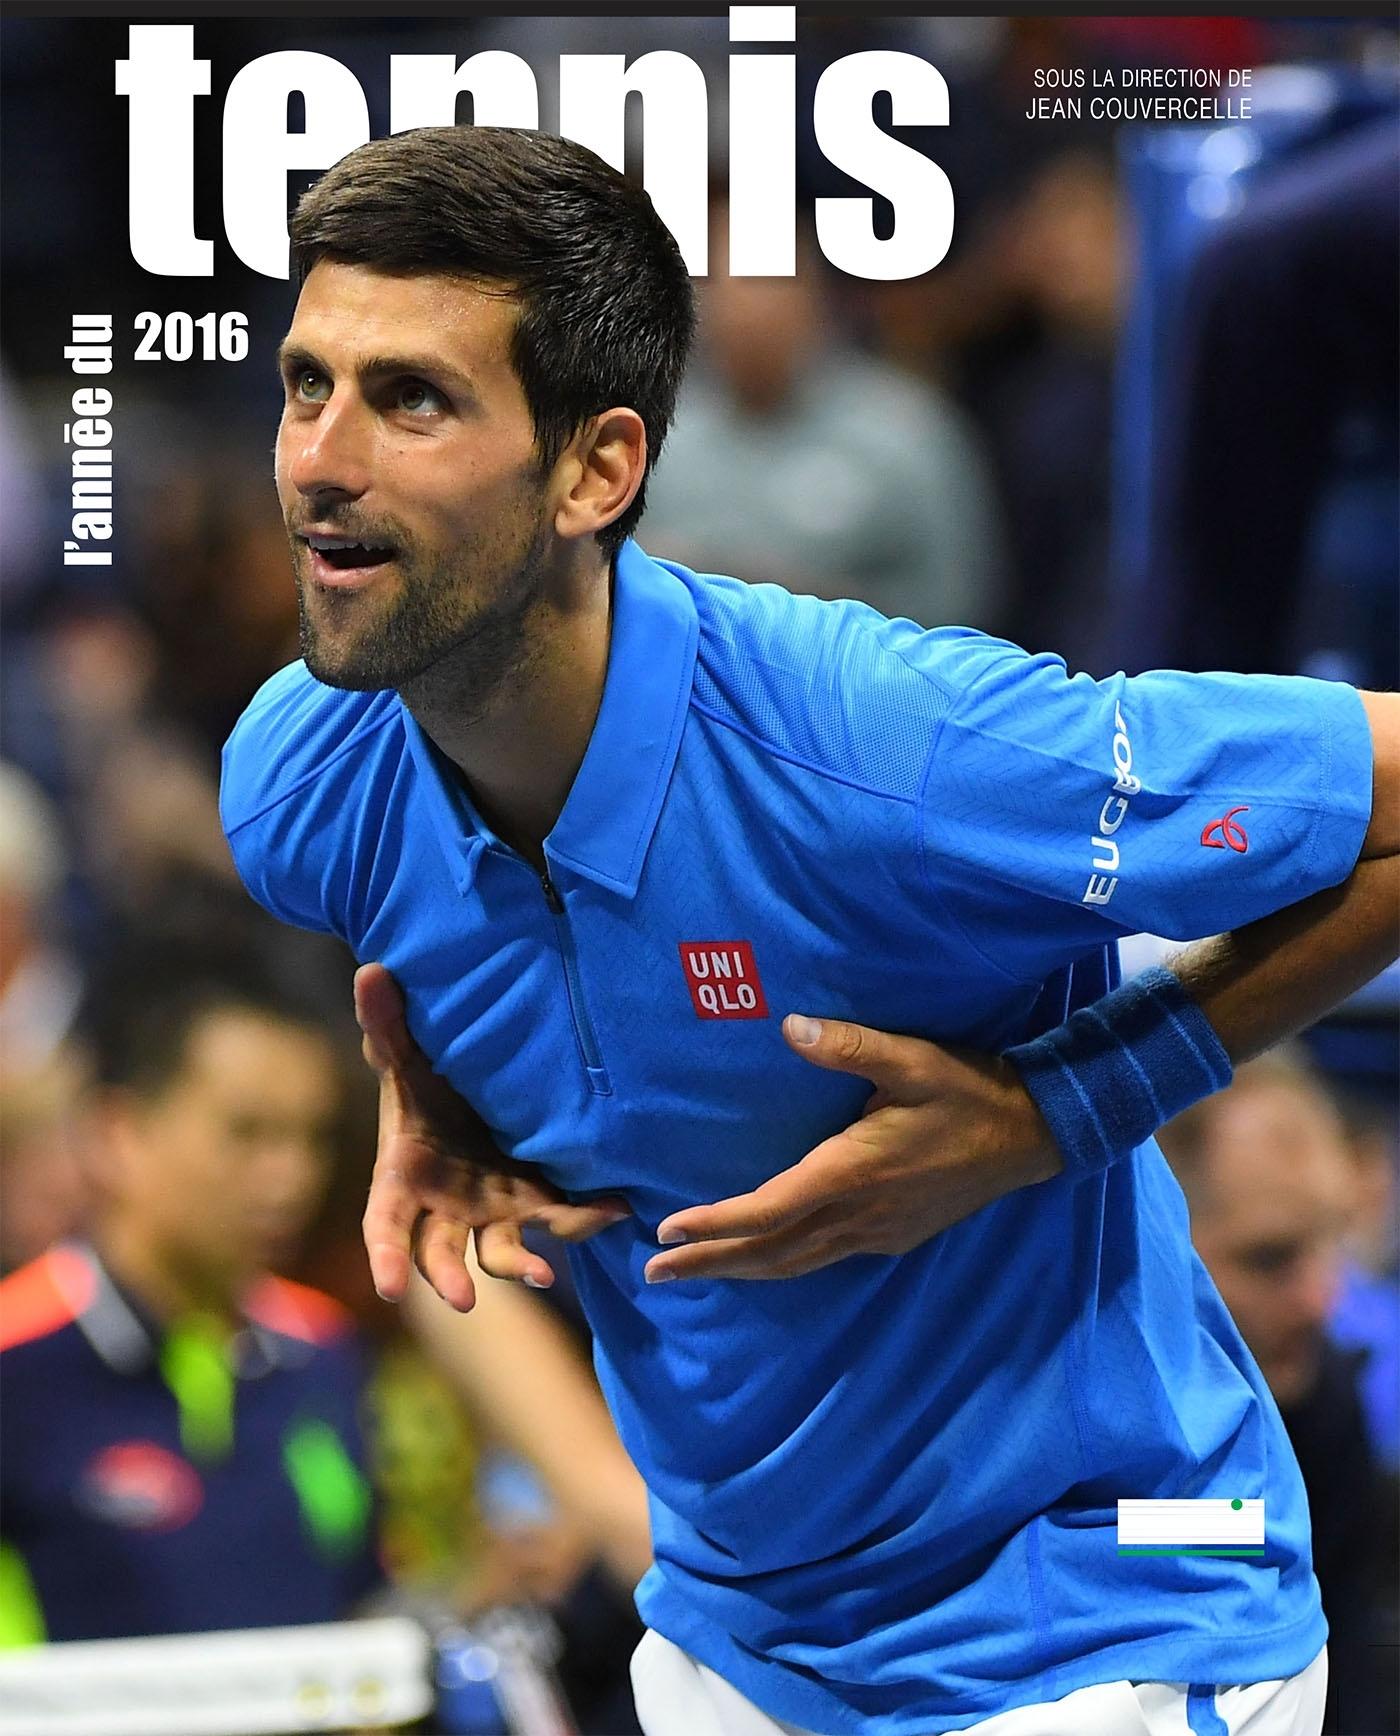 L'ANNEE DU TENNIS 2016 - N 38